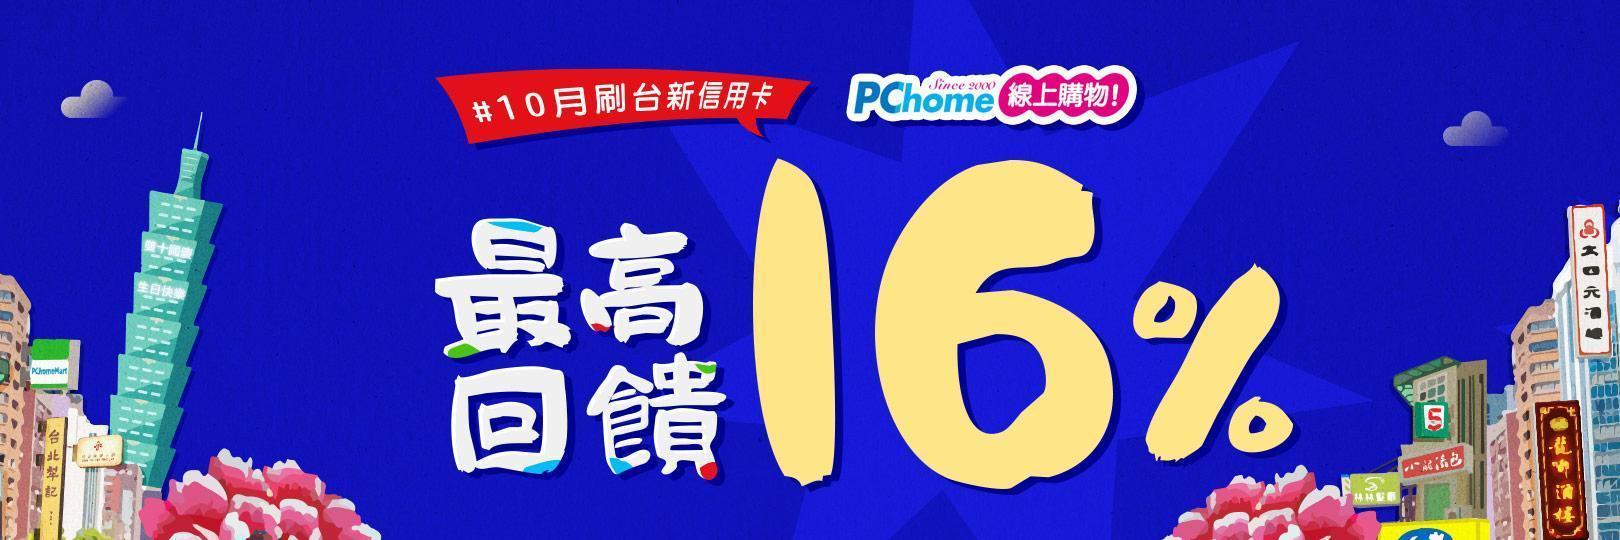 PChome購物網刷台新 最高享16%回饋